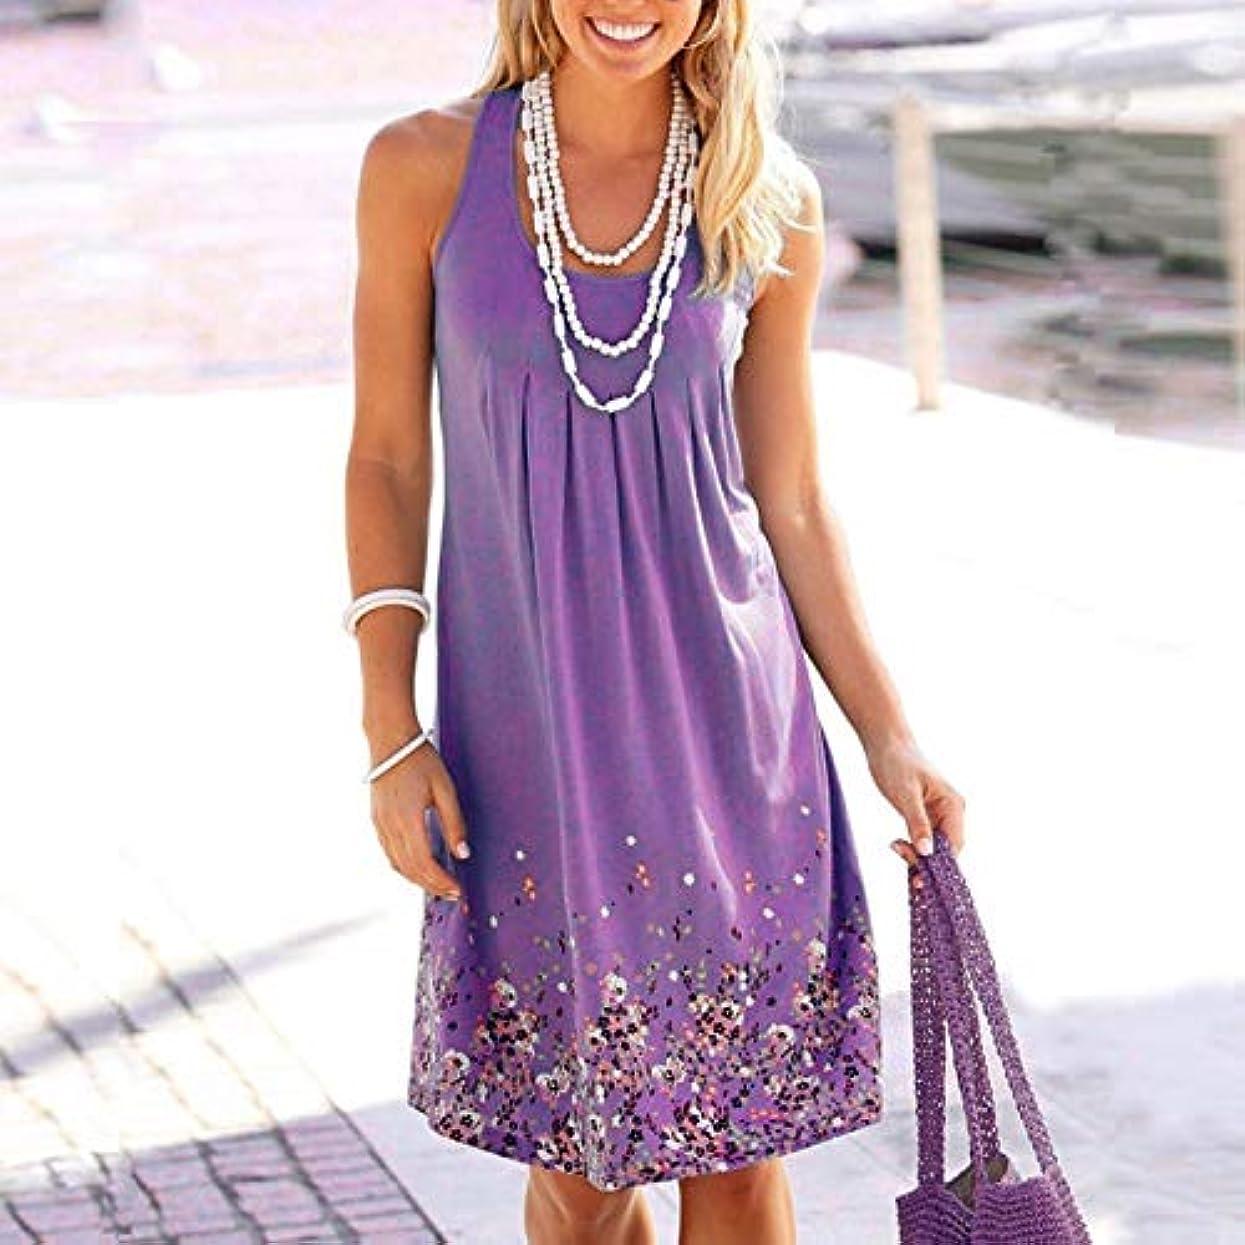 道に迷いました浴まっすぐMaxcrestas - ノースリーブ花柄を印刷ルースドレスファッション六色カジュアルの女性のドレスローブファムエテ2018セクシーなドレスプラスサイズ